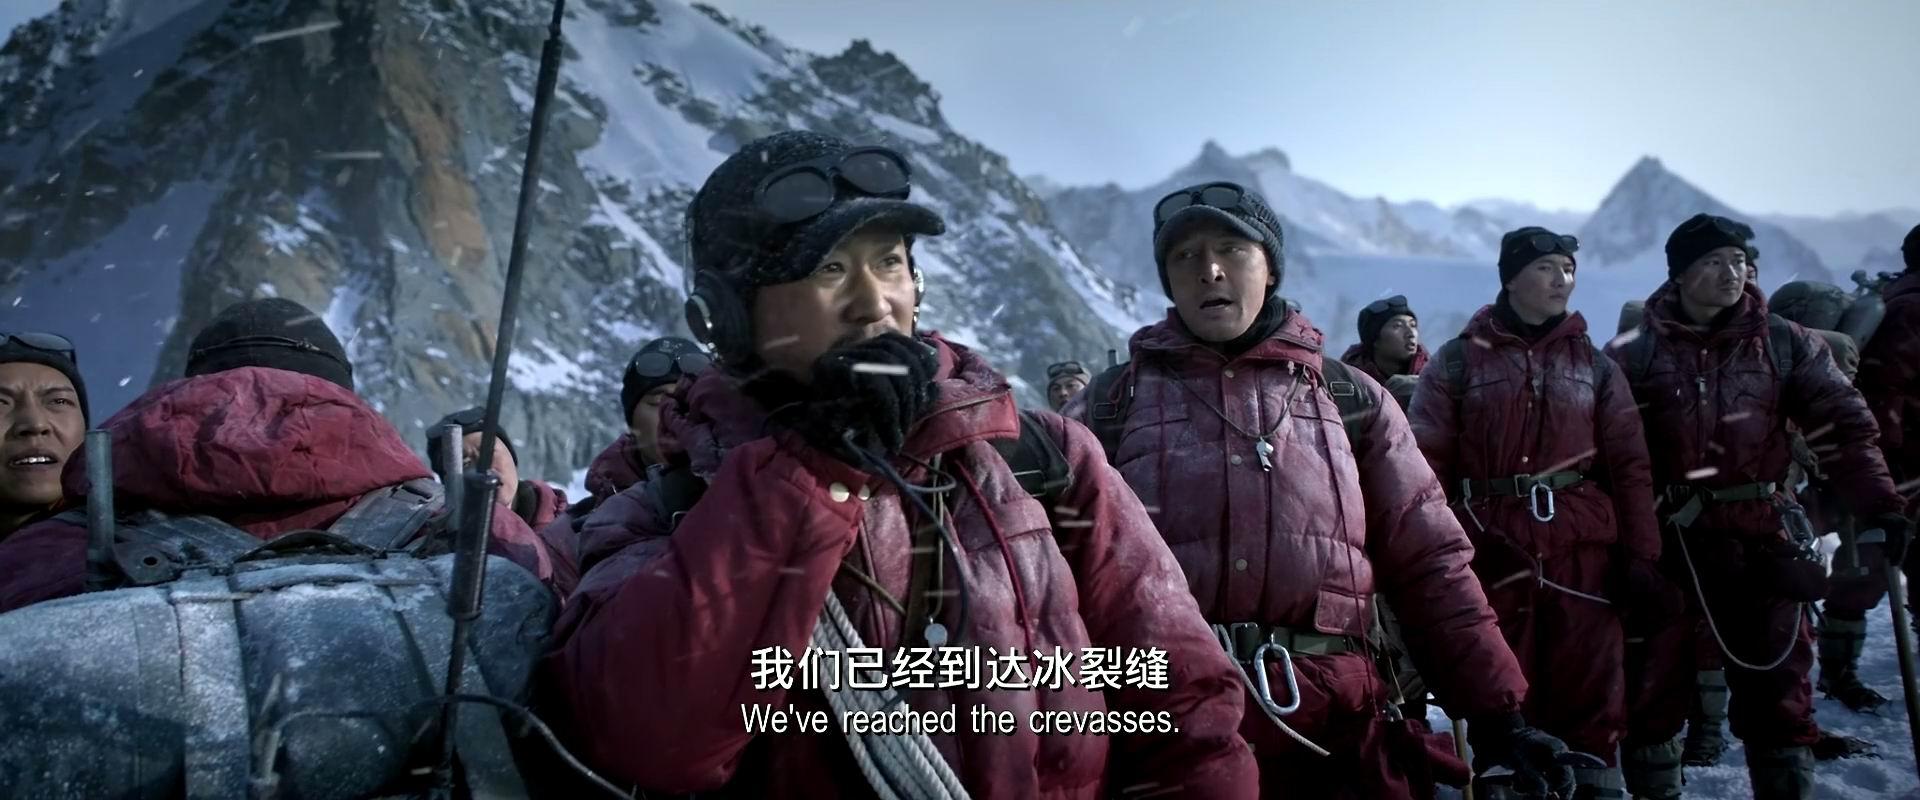 [攀登者][1080P版HD-MKV/2.25G][国语中英双字][2019吴京/章子怡中国冒险大片]插图(2)